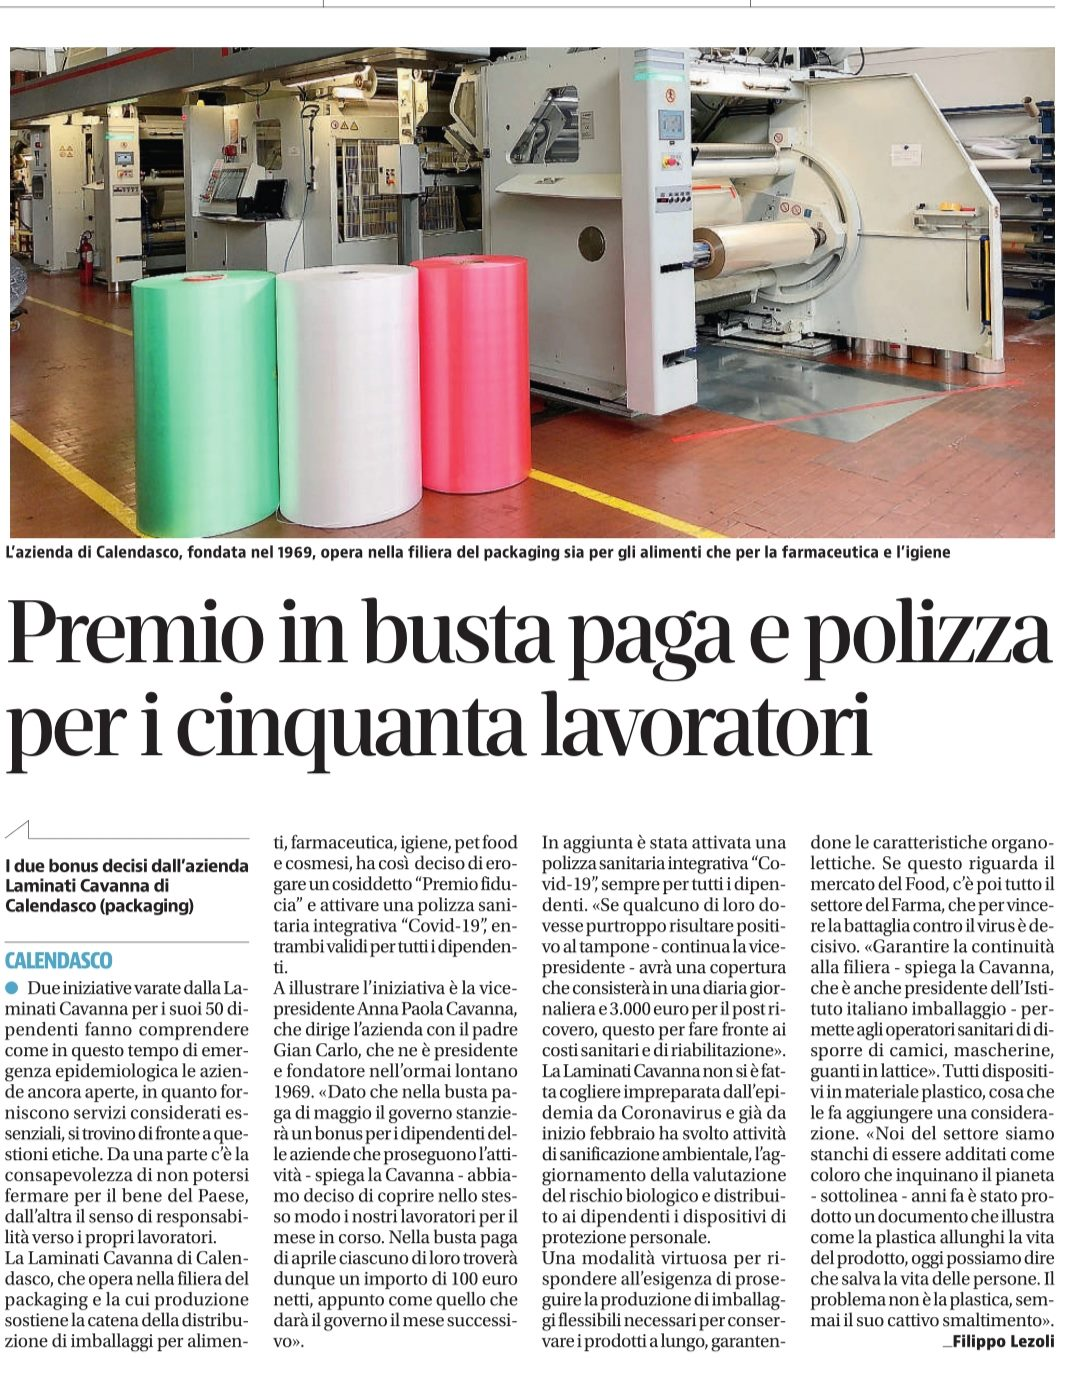 Laminati Cavanna citata da diversi giornali